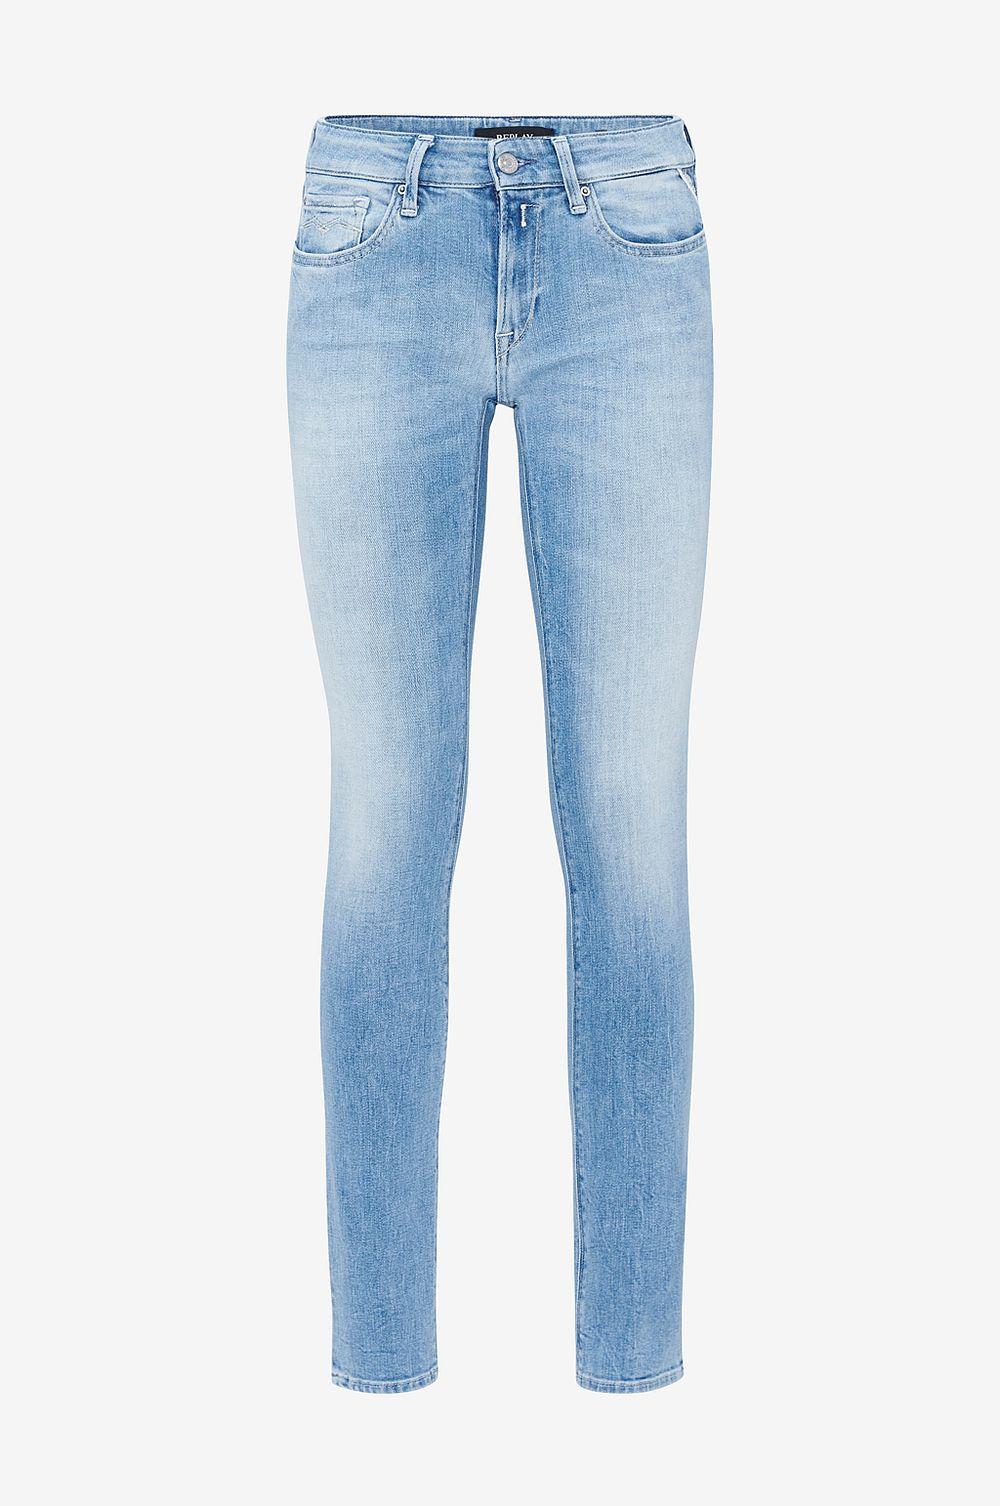 Kjøp Fine Bukser til Dame i størrelse 3030 på nett